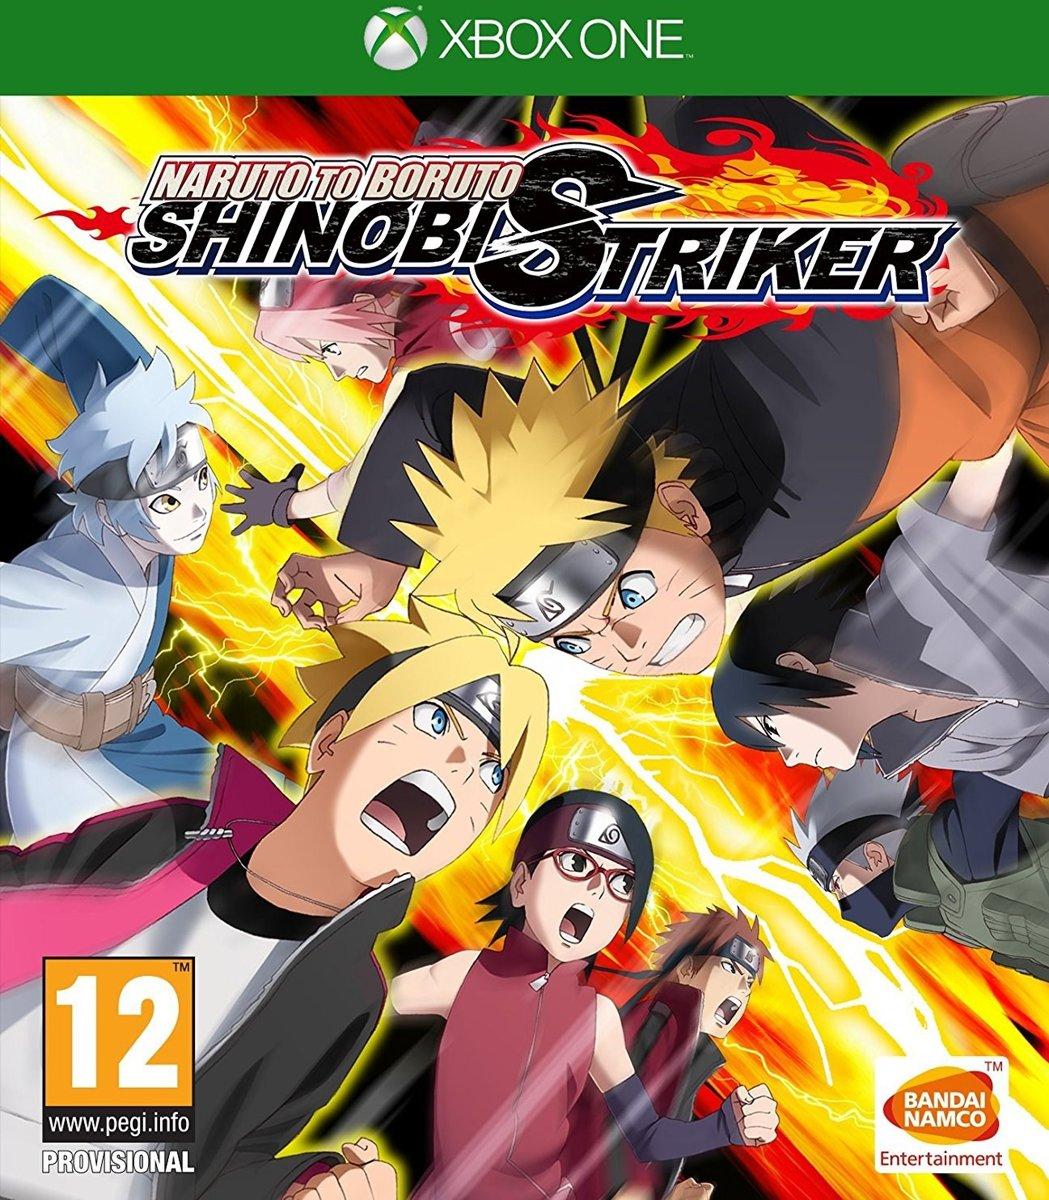 Naruto to Boruto: Shinobi Striker Xbox One